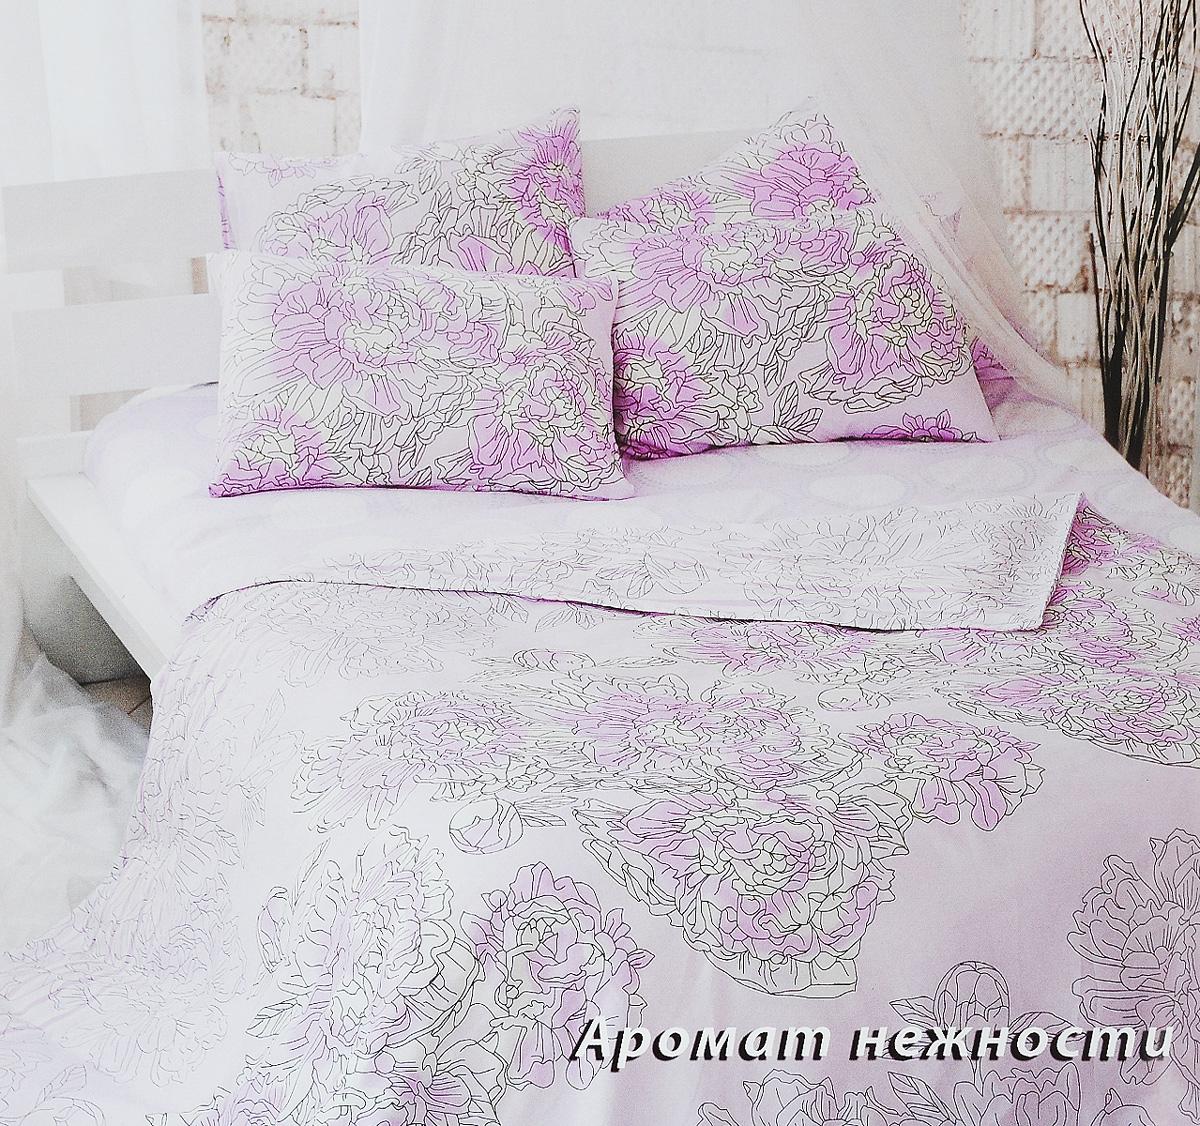 Комплект белья Tiffanys Secret Аромат нежности, 1,5-спальный, наволочки 70х70, цвет: розовый, белый, серый2040815158Комплект постельного белья Tiffanys Secret Аромат нежности является экологически безопасным для всей семьи, так как выполнен из сатина (100% хлопок). Комплект состоит из пододеяльника, простыни и двух наволочек. Предметы комплекта оформлены оригинальным рисунком.Благодаря такому комплекту постельного белья вы сможете создать атмосферу уюта и комфорта в вашей спальне.Сатин - это ткань, навсегда покорившая сердца человечества. Ценившие роскошь персы называли ее атлас, а искушенные в прекрасном французы - сатин. Секрет высококачественного сатина в безупречности всего технологического процесса. Эту благородную ткань делают только из отборной натуральной пряжи, которую получают из самого лучшего тонковолокнистого хлопка. Благодаря использованию самой тонкой хлопковой нити получается необычайно мягкое и нежное полотно. Сатиновое постельное белье превращает жаркие летние ночи в прохладные и освежающие, а холодные зимние - в теплые и согревающие. Сатин очень приятен на ощупь, постельное белье из него долговечно, выдерживает более 300 стирок, и лишь спустя долгое время материал начинает немного тускнеть. Оцените все достоинства постельного белья из сатина, выбирая самое лучшее для себя!